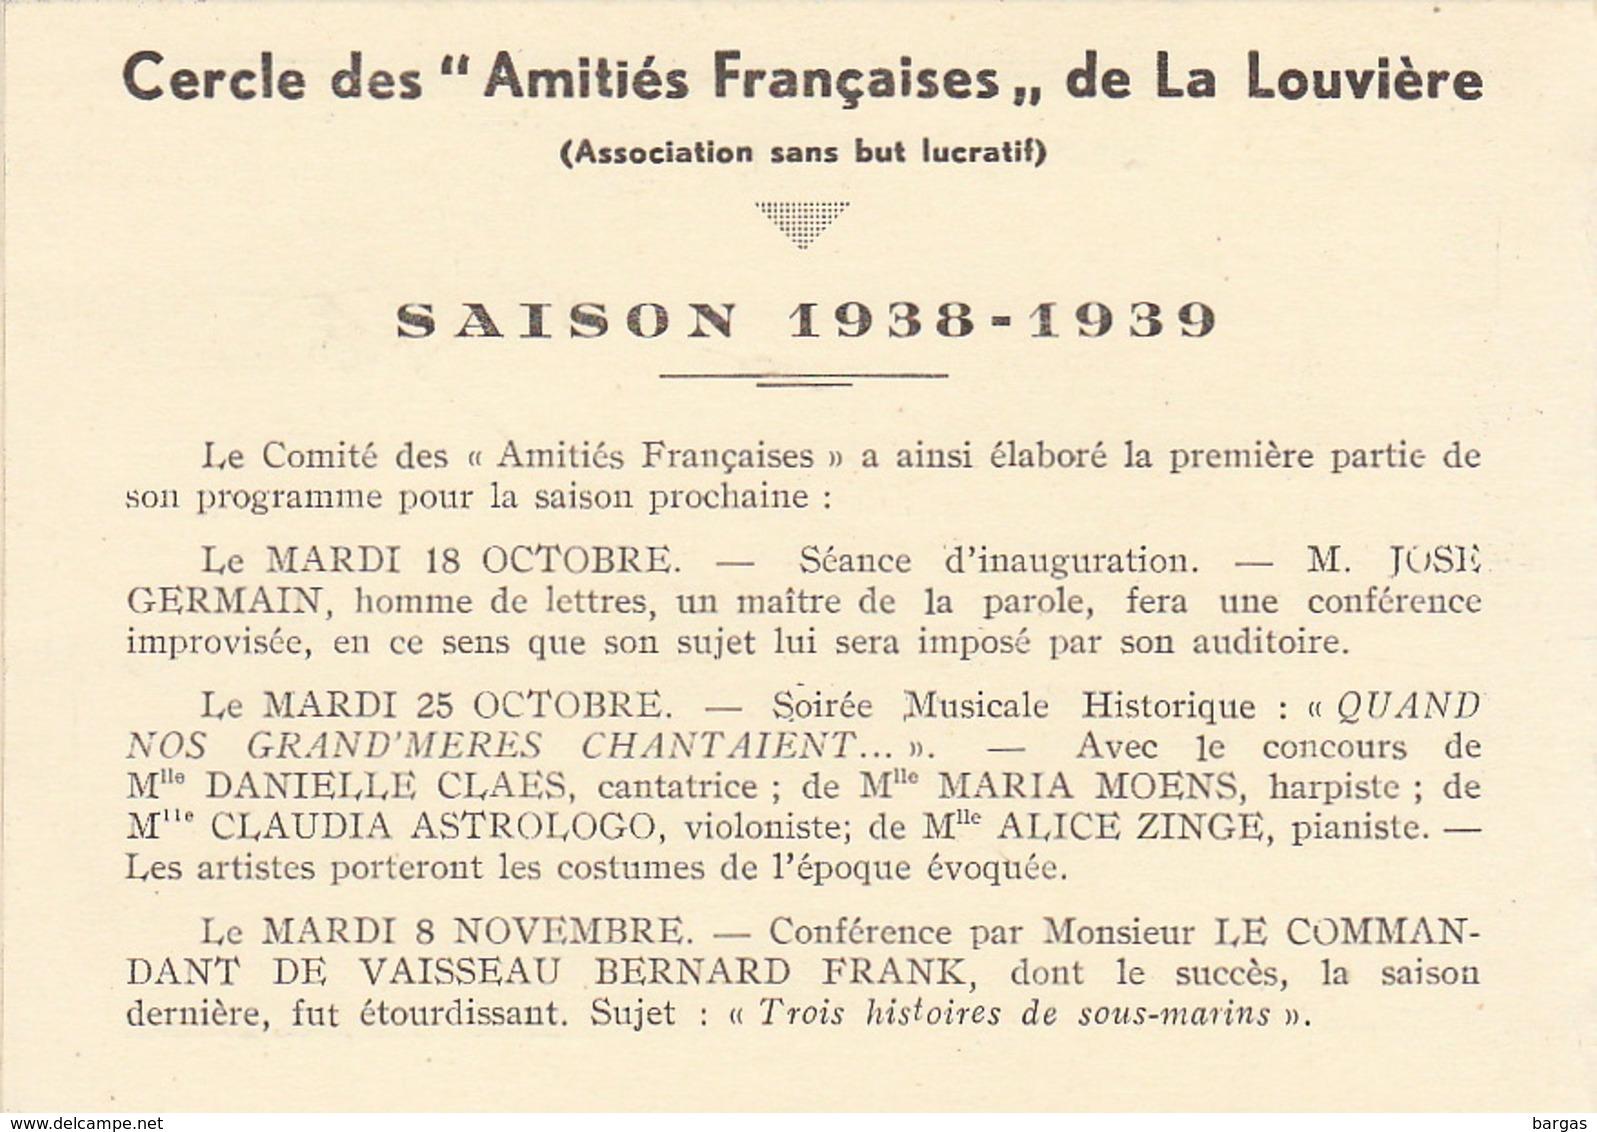 Programme Saison 1938 Cercle Des Amitiés Françaises De La Louvière Conférence De La Varende Poulenc Octave Aubry .... - Programmes